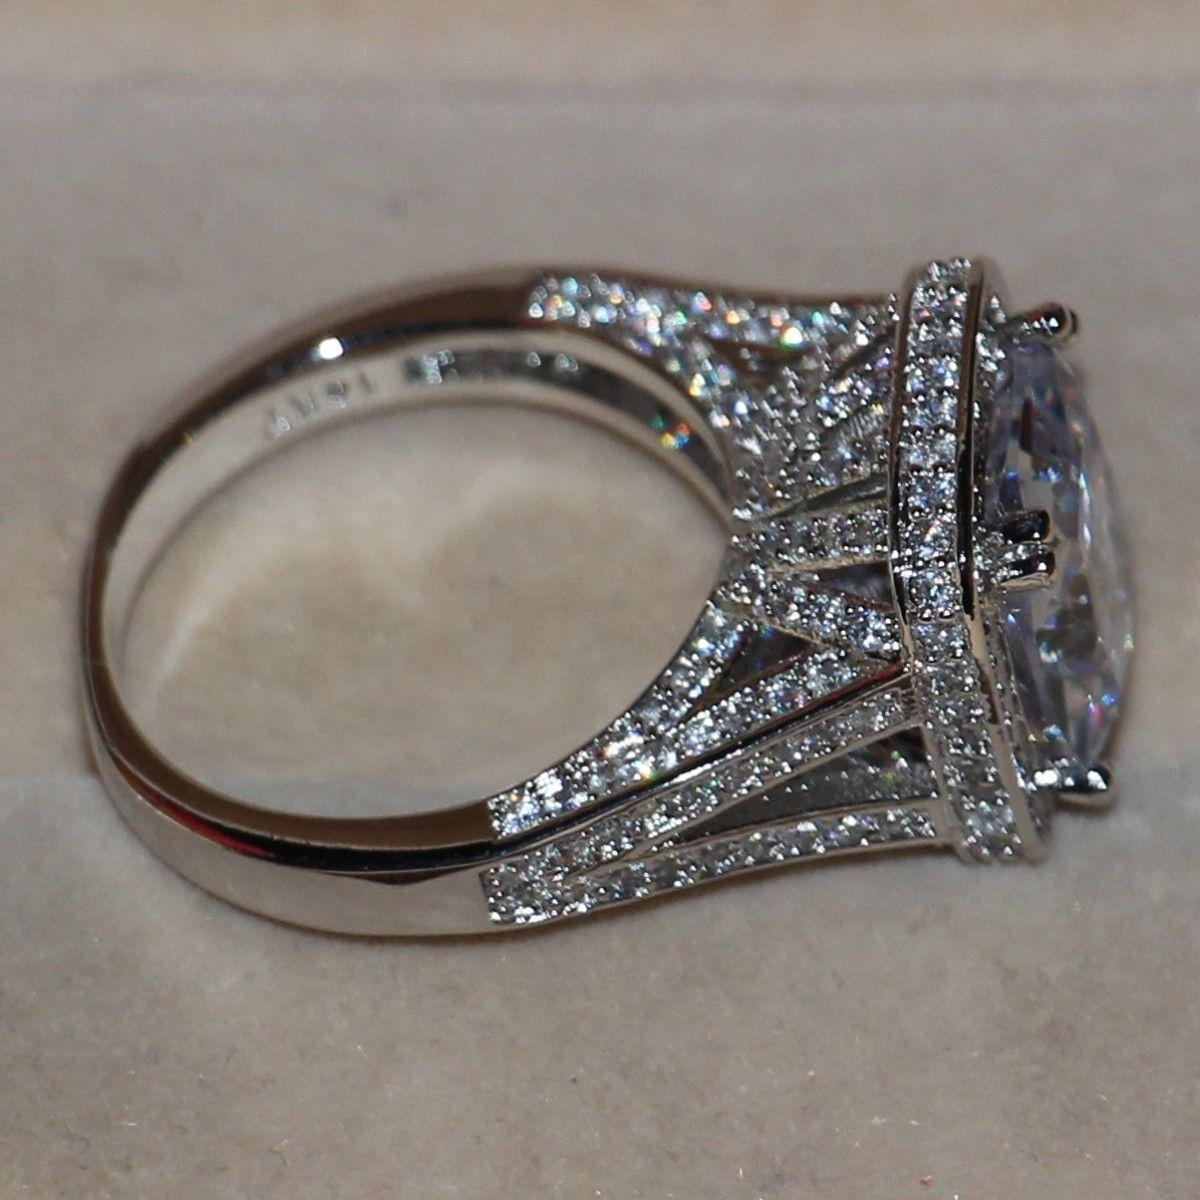 Taille 5-11 bijoux de luxe 8CT grosse pierre saphir blanc 14 kt or blanc rempli GF simulé diamant mariage bague de fiançailles anneau amoureux cadeau